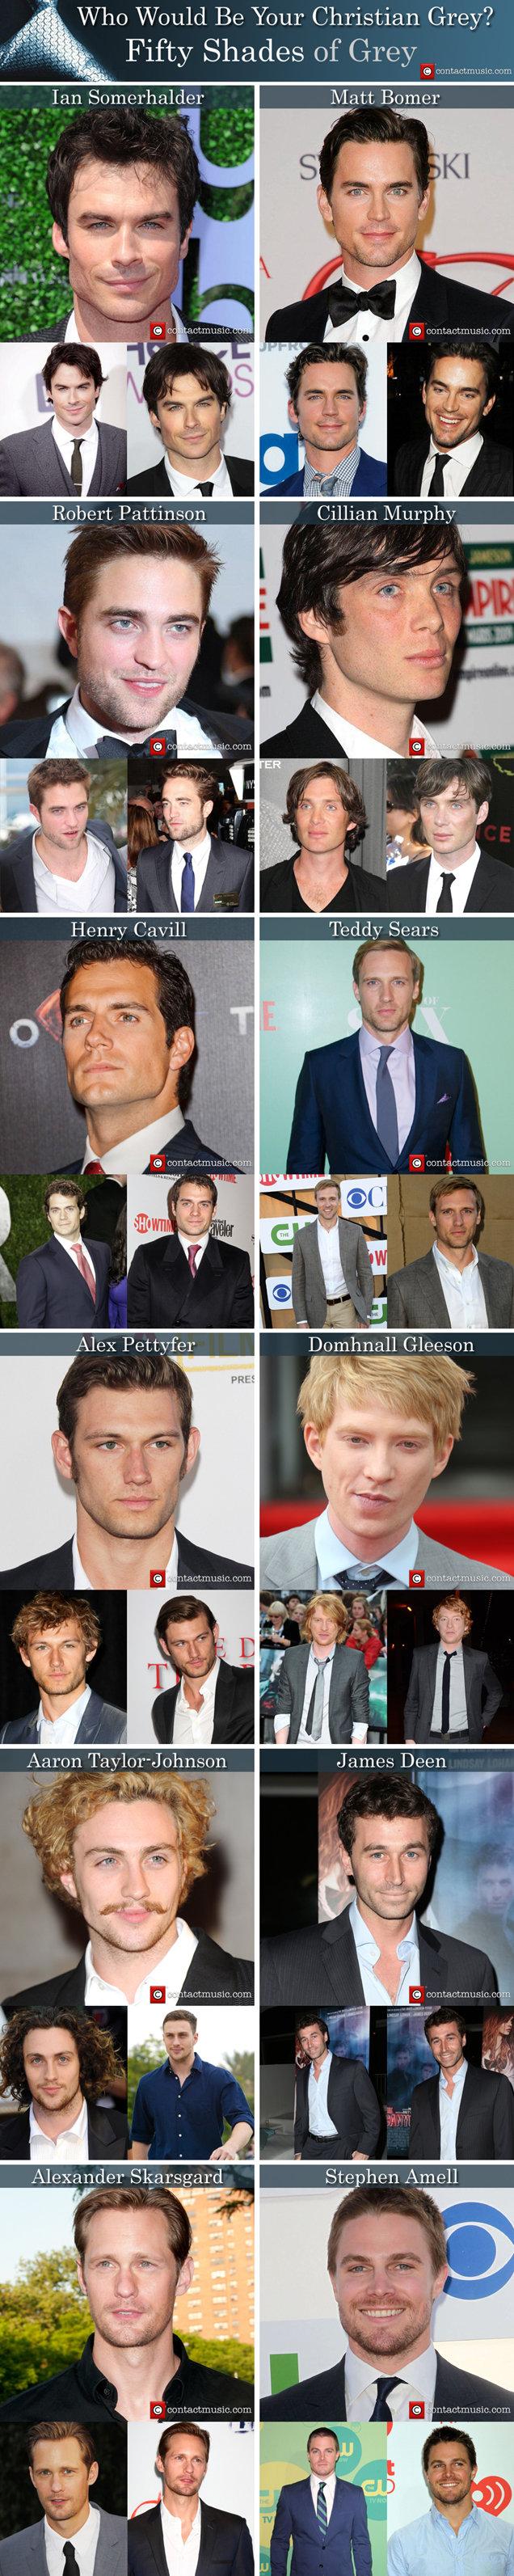 50 Shades Grey Movie Cast Christian Grey